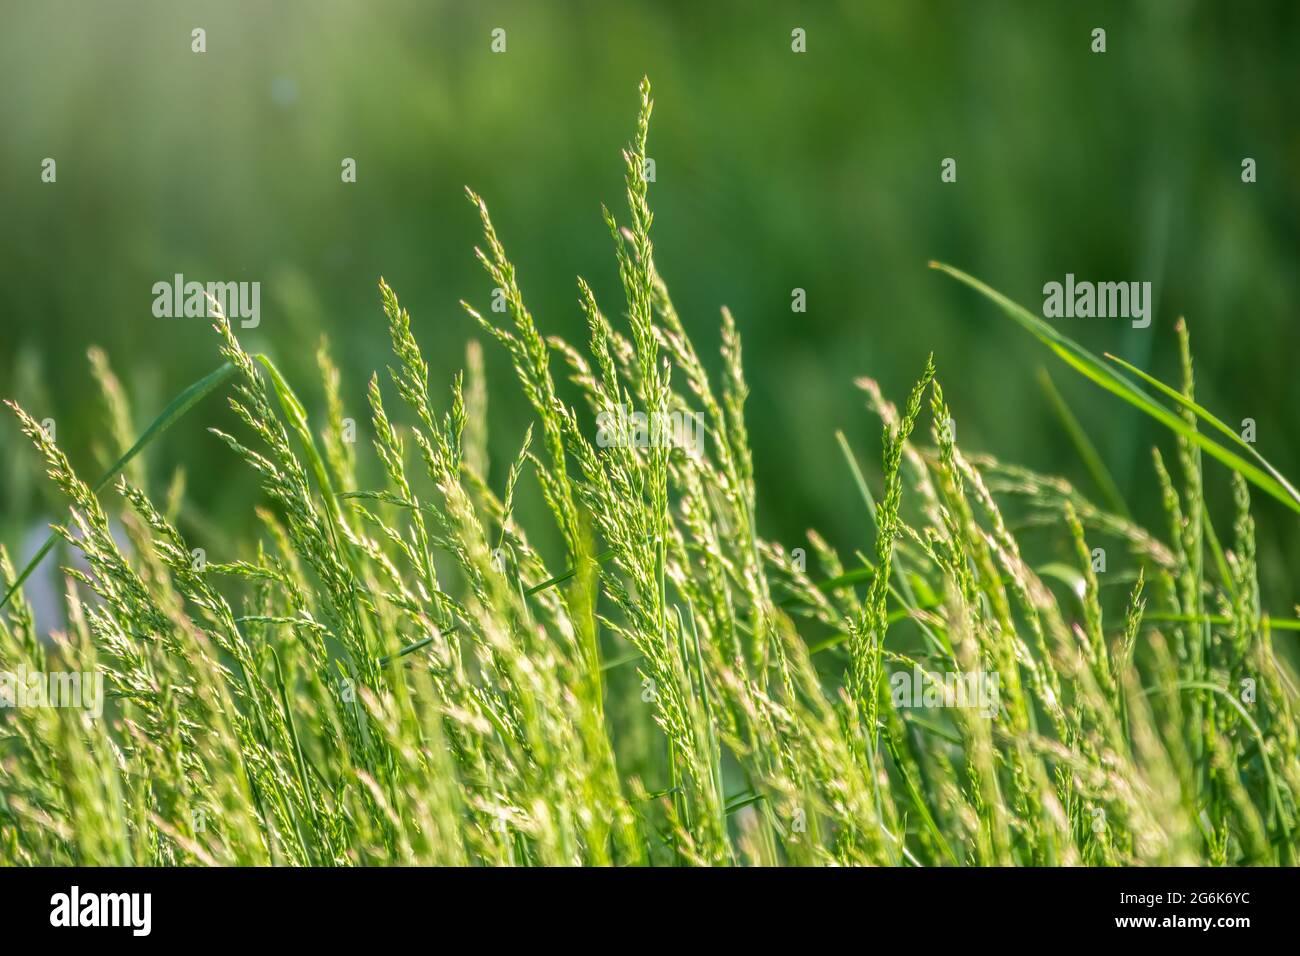 Vista del concepto de jardín de césped utilizado para hacer suelos verdes, césped para entrenamiento de campo de fútbol, campos de golf de césped verde patrón de césped textura backgrou Foto de stock